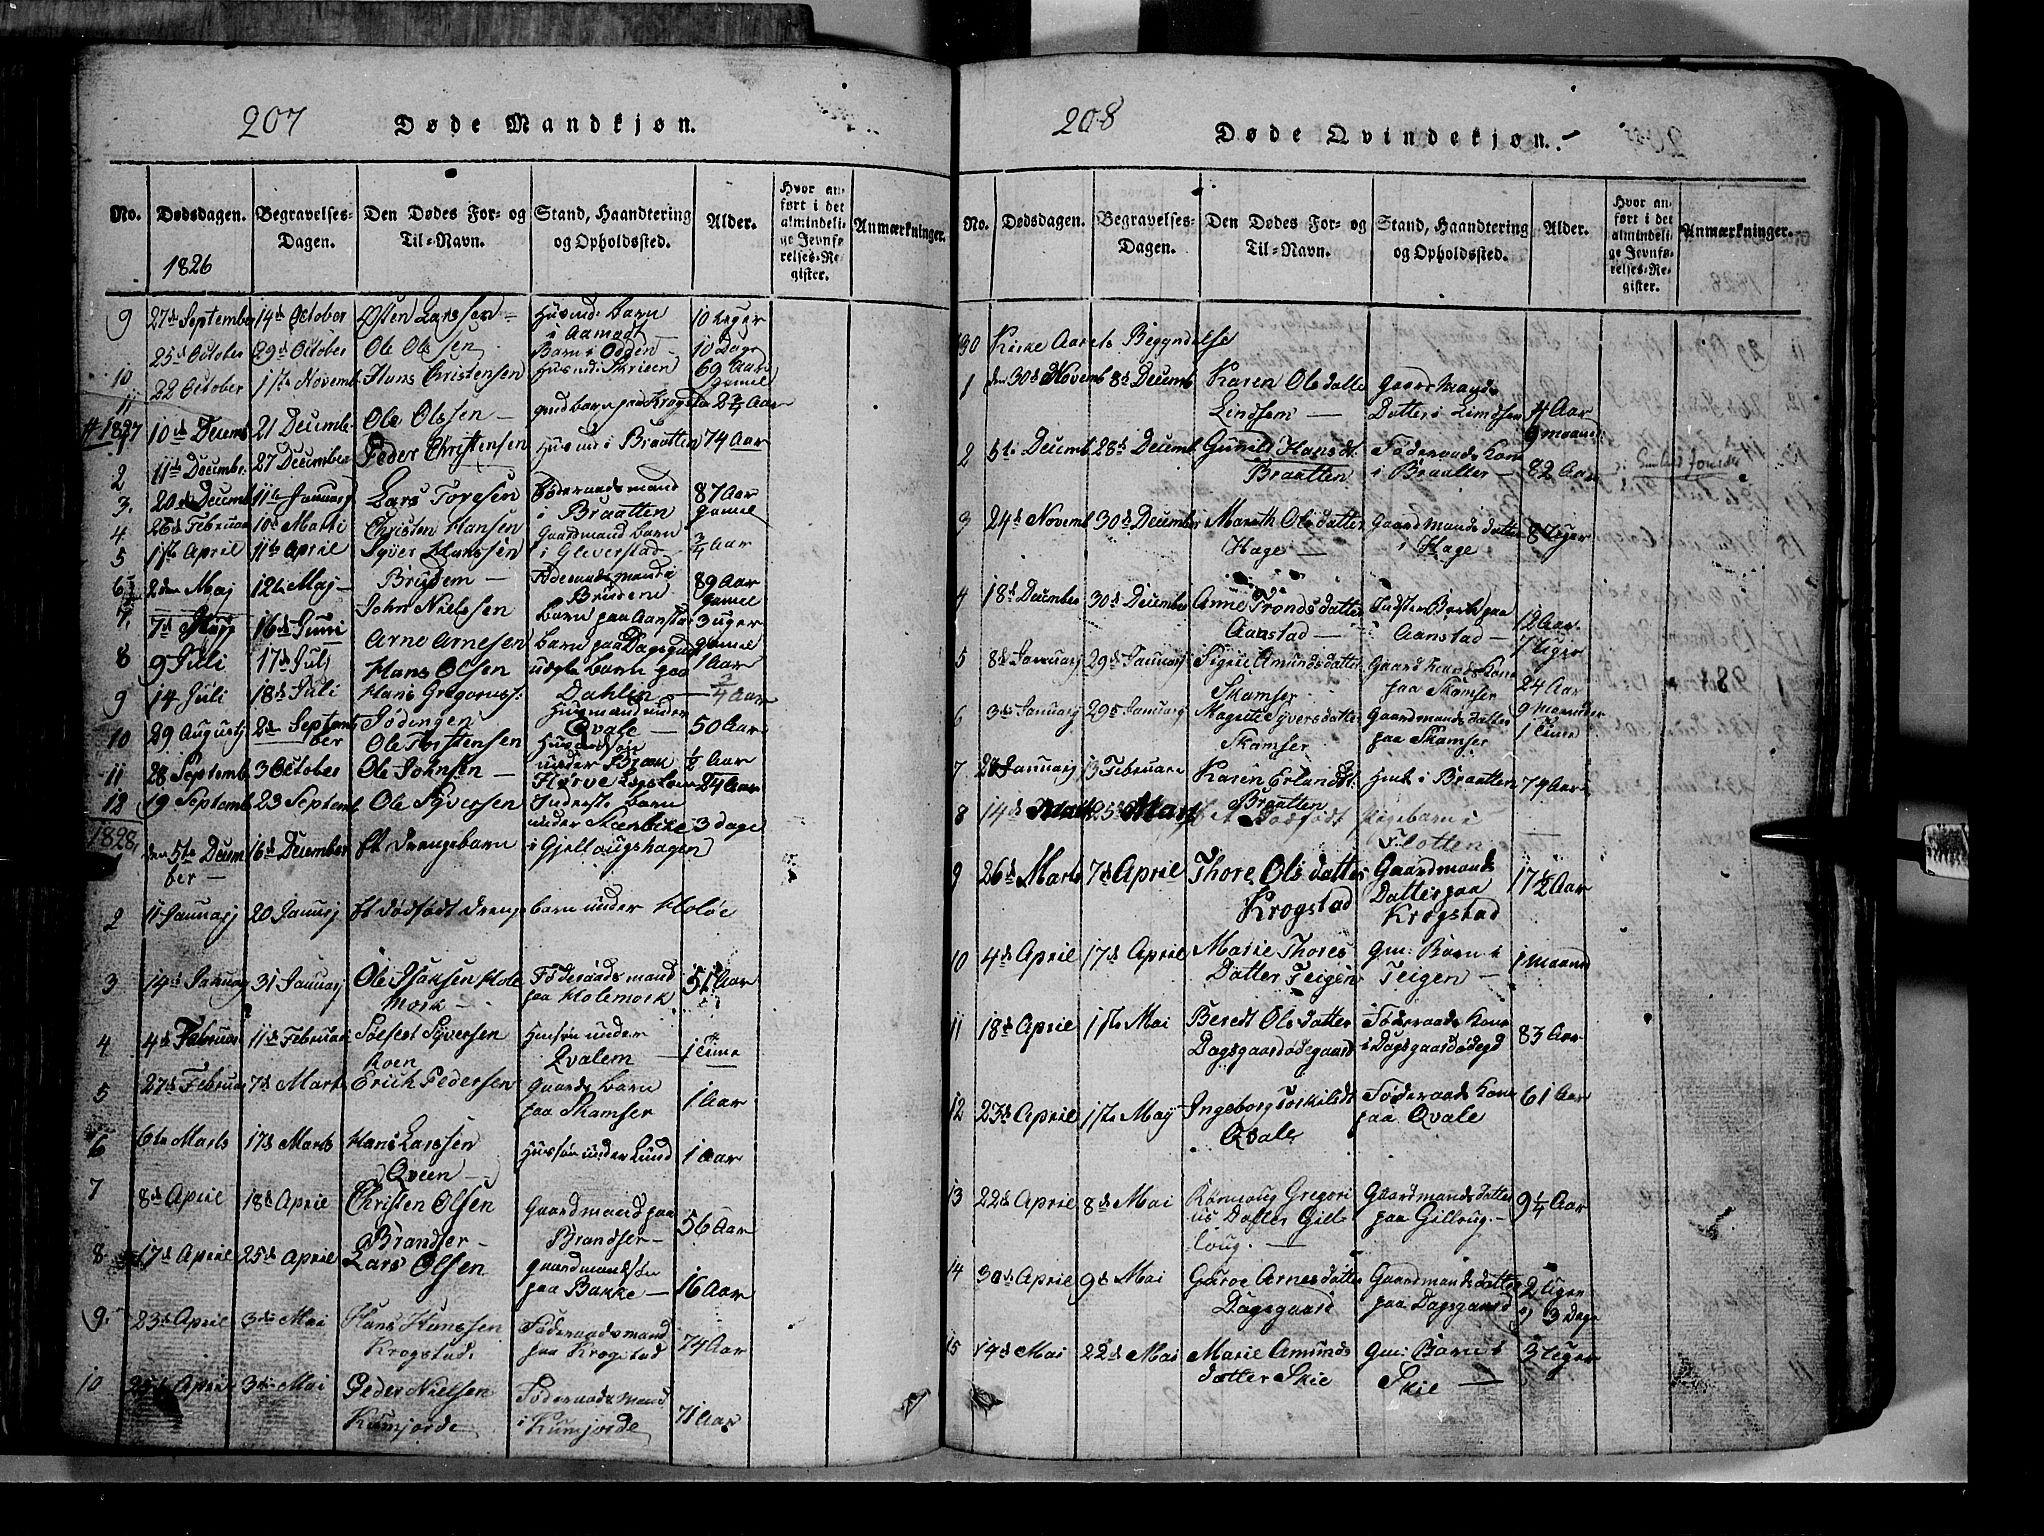 SAH, Lom prestekontor, L/L0003: Klokkerbok nr. 3, 1815-1844, s. 207-208